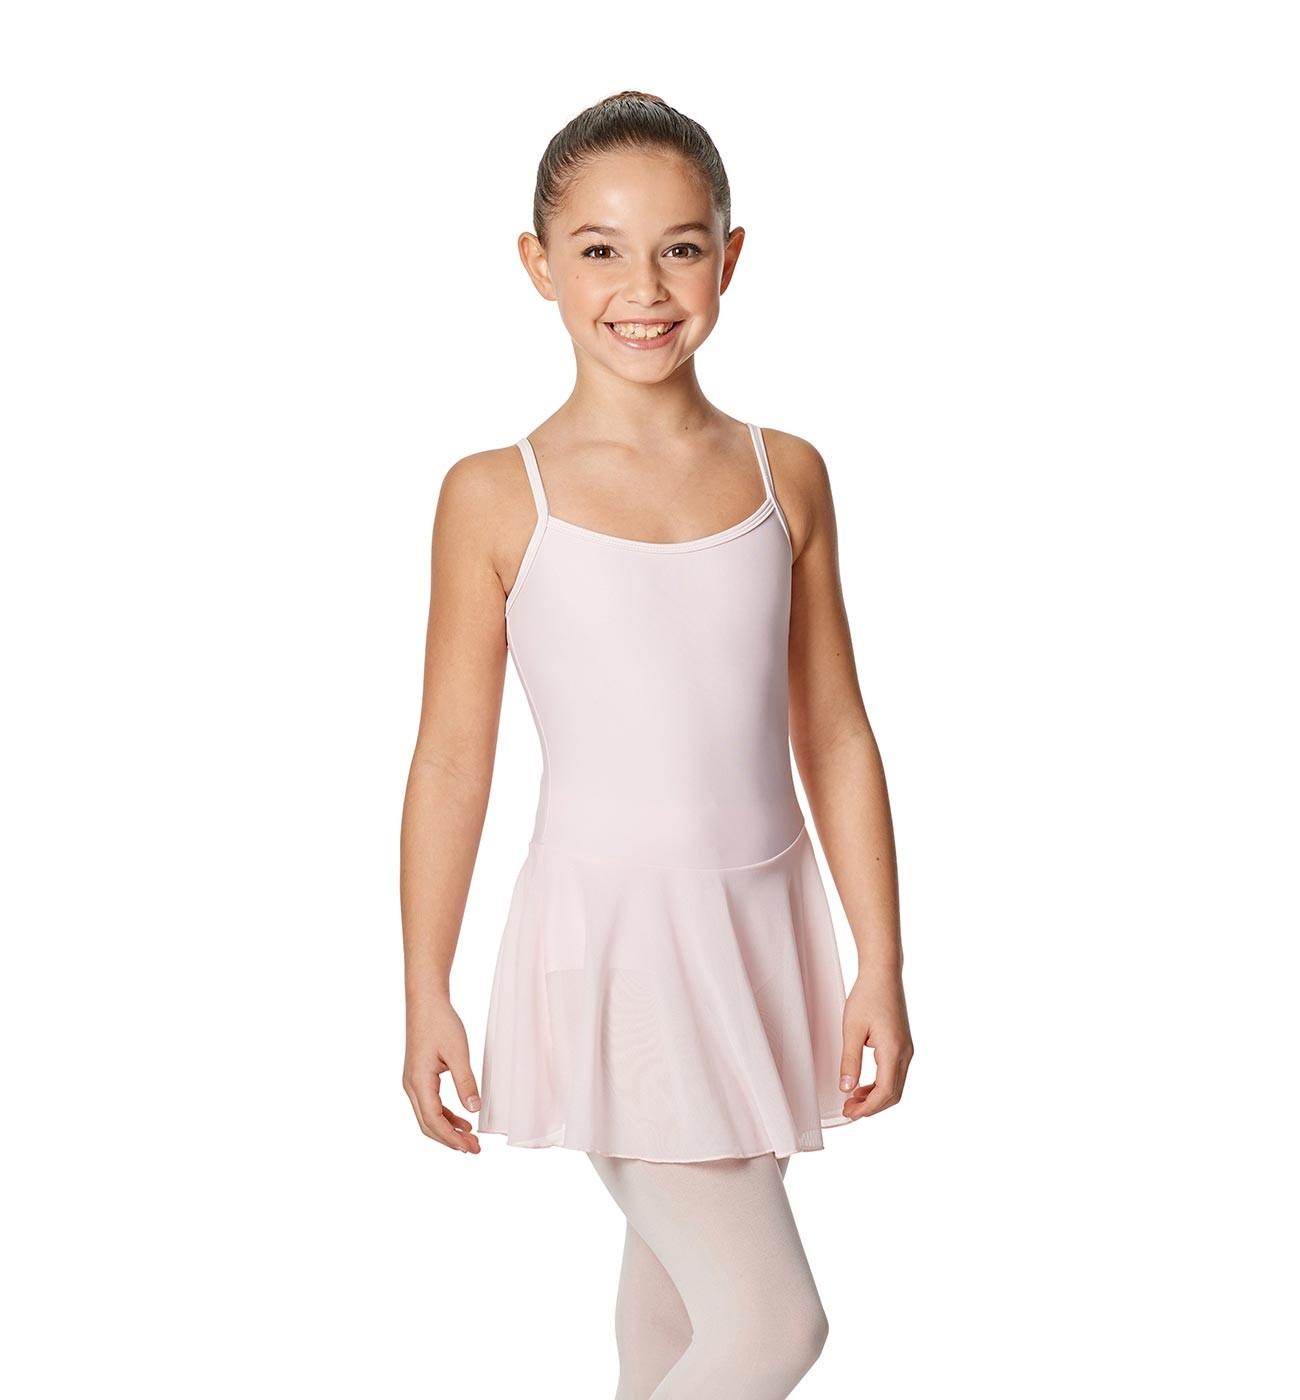 ורוד שמלה לילדות Lillian של Lulli כתפיות דקות וחצאית LUB254C